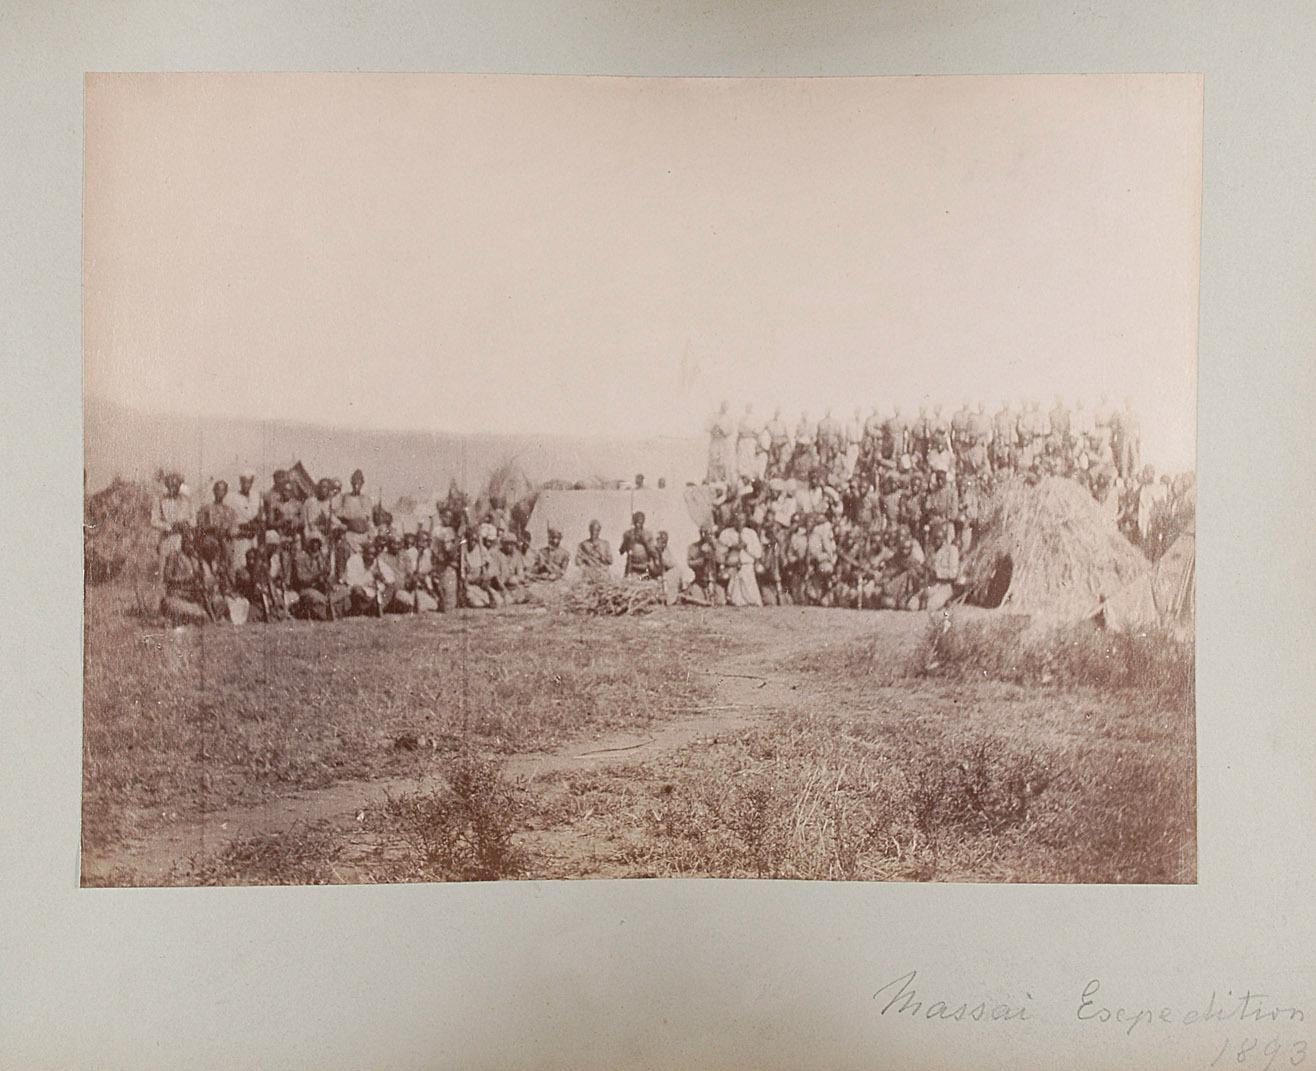 Massai Expedition 1893 von Oscar Baumann